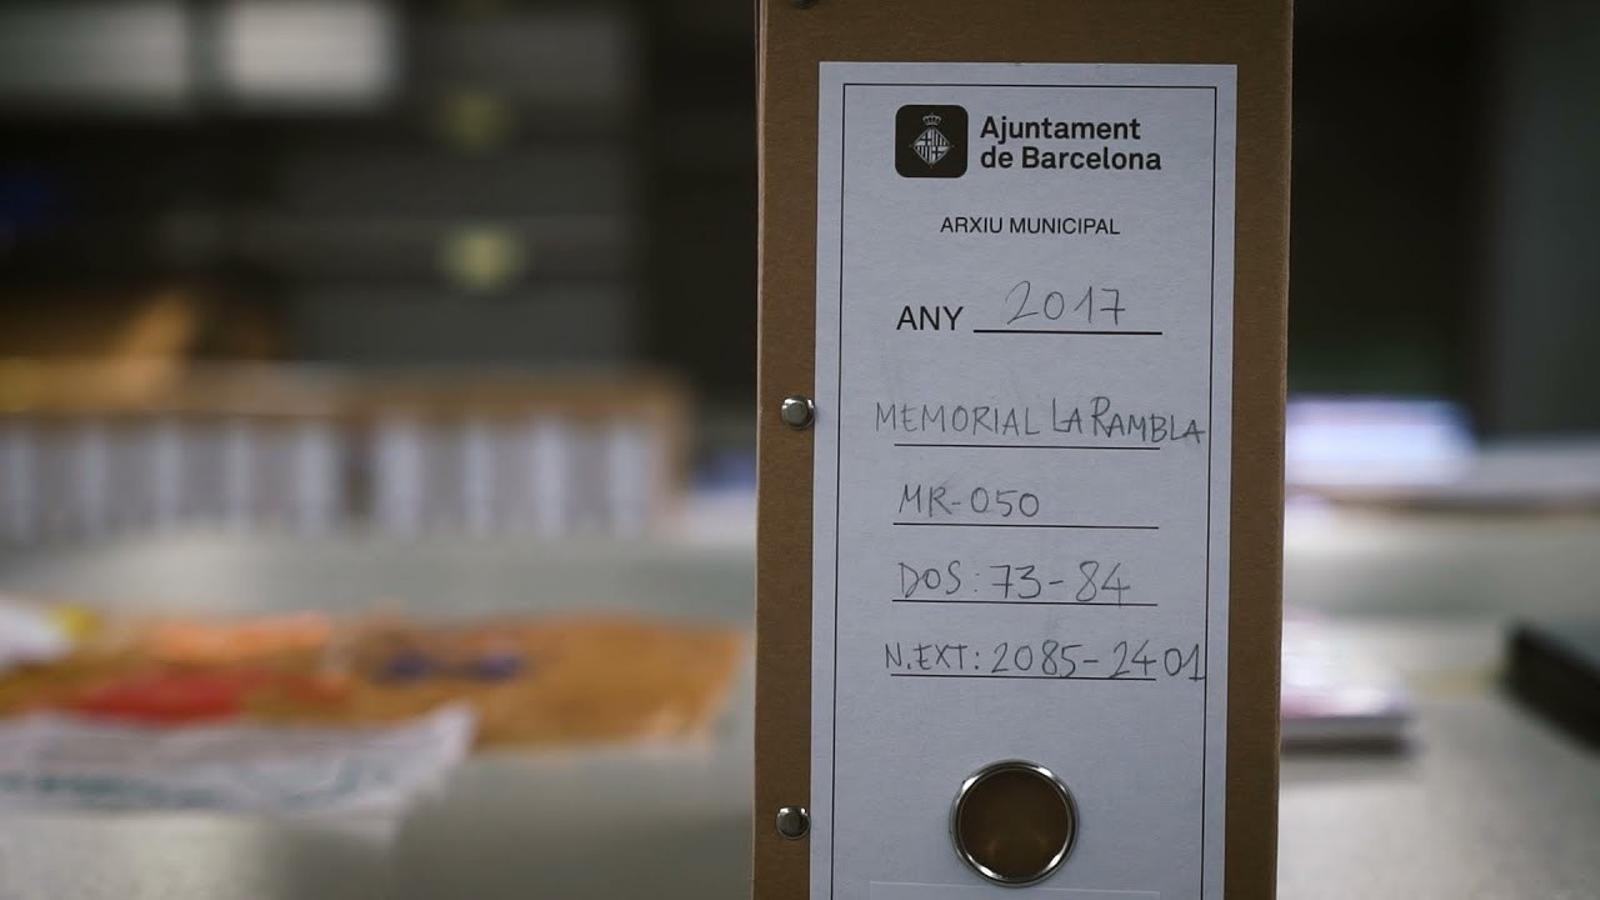 Procés de digitalització dels objectes de condol dipositats pels ciutadans al mosaic de Miró després del 17-A